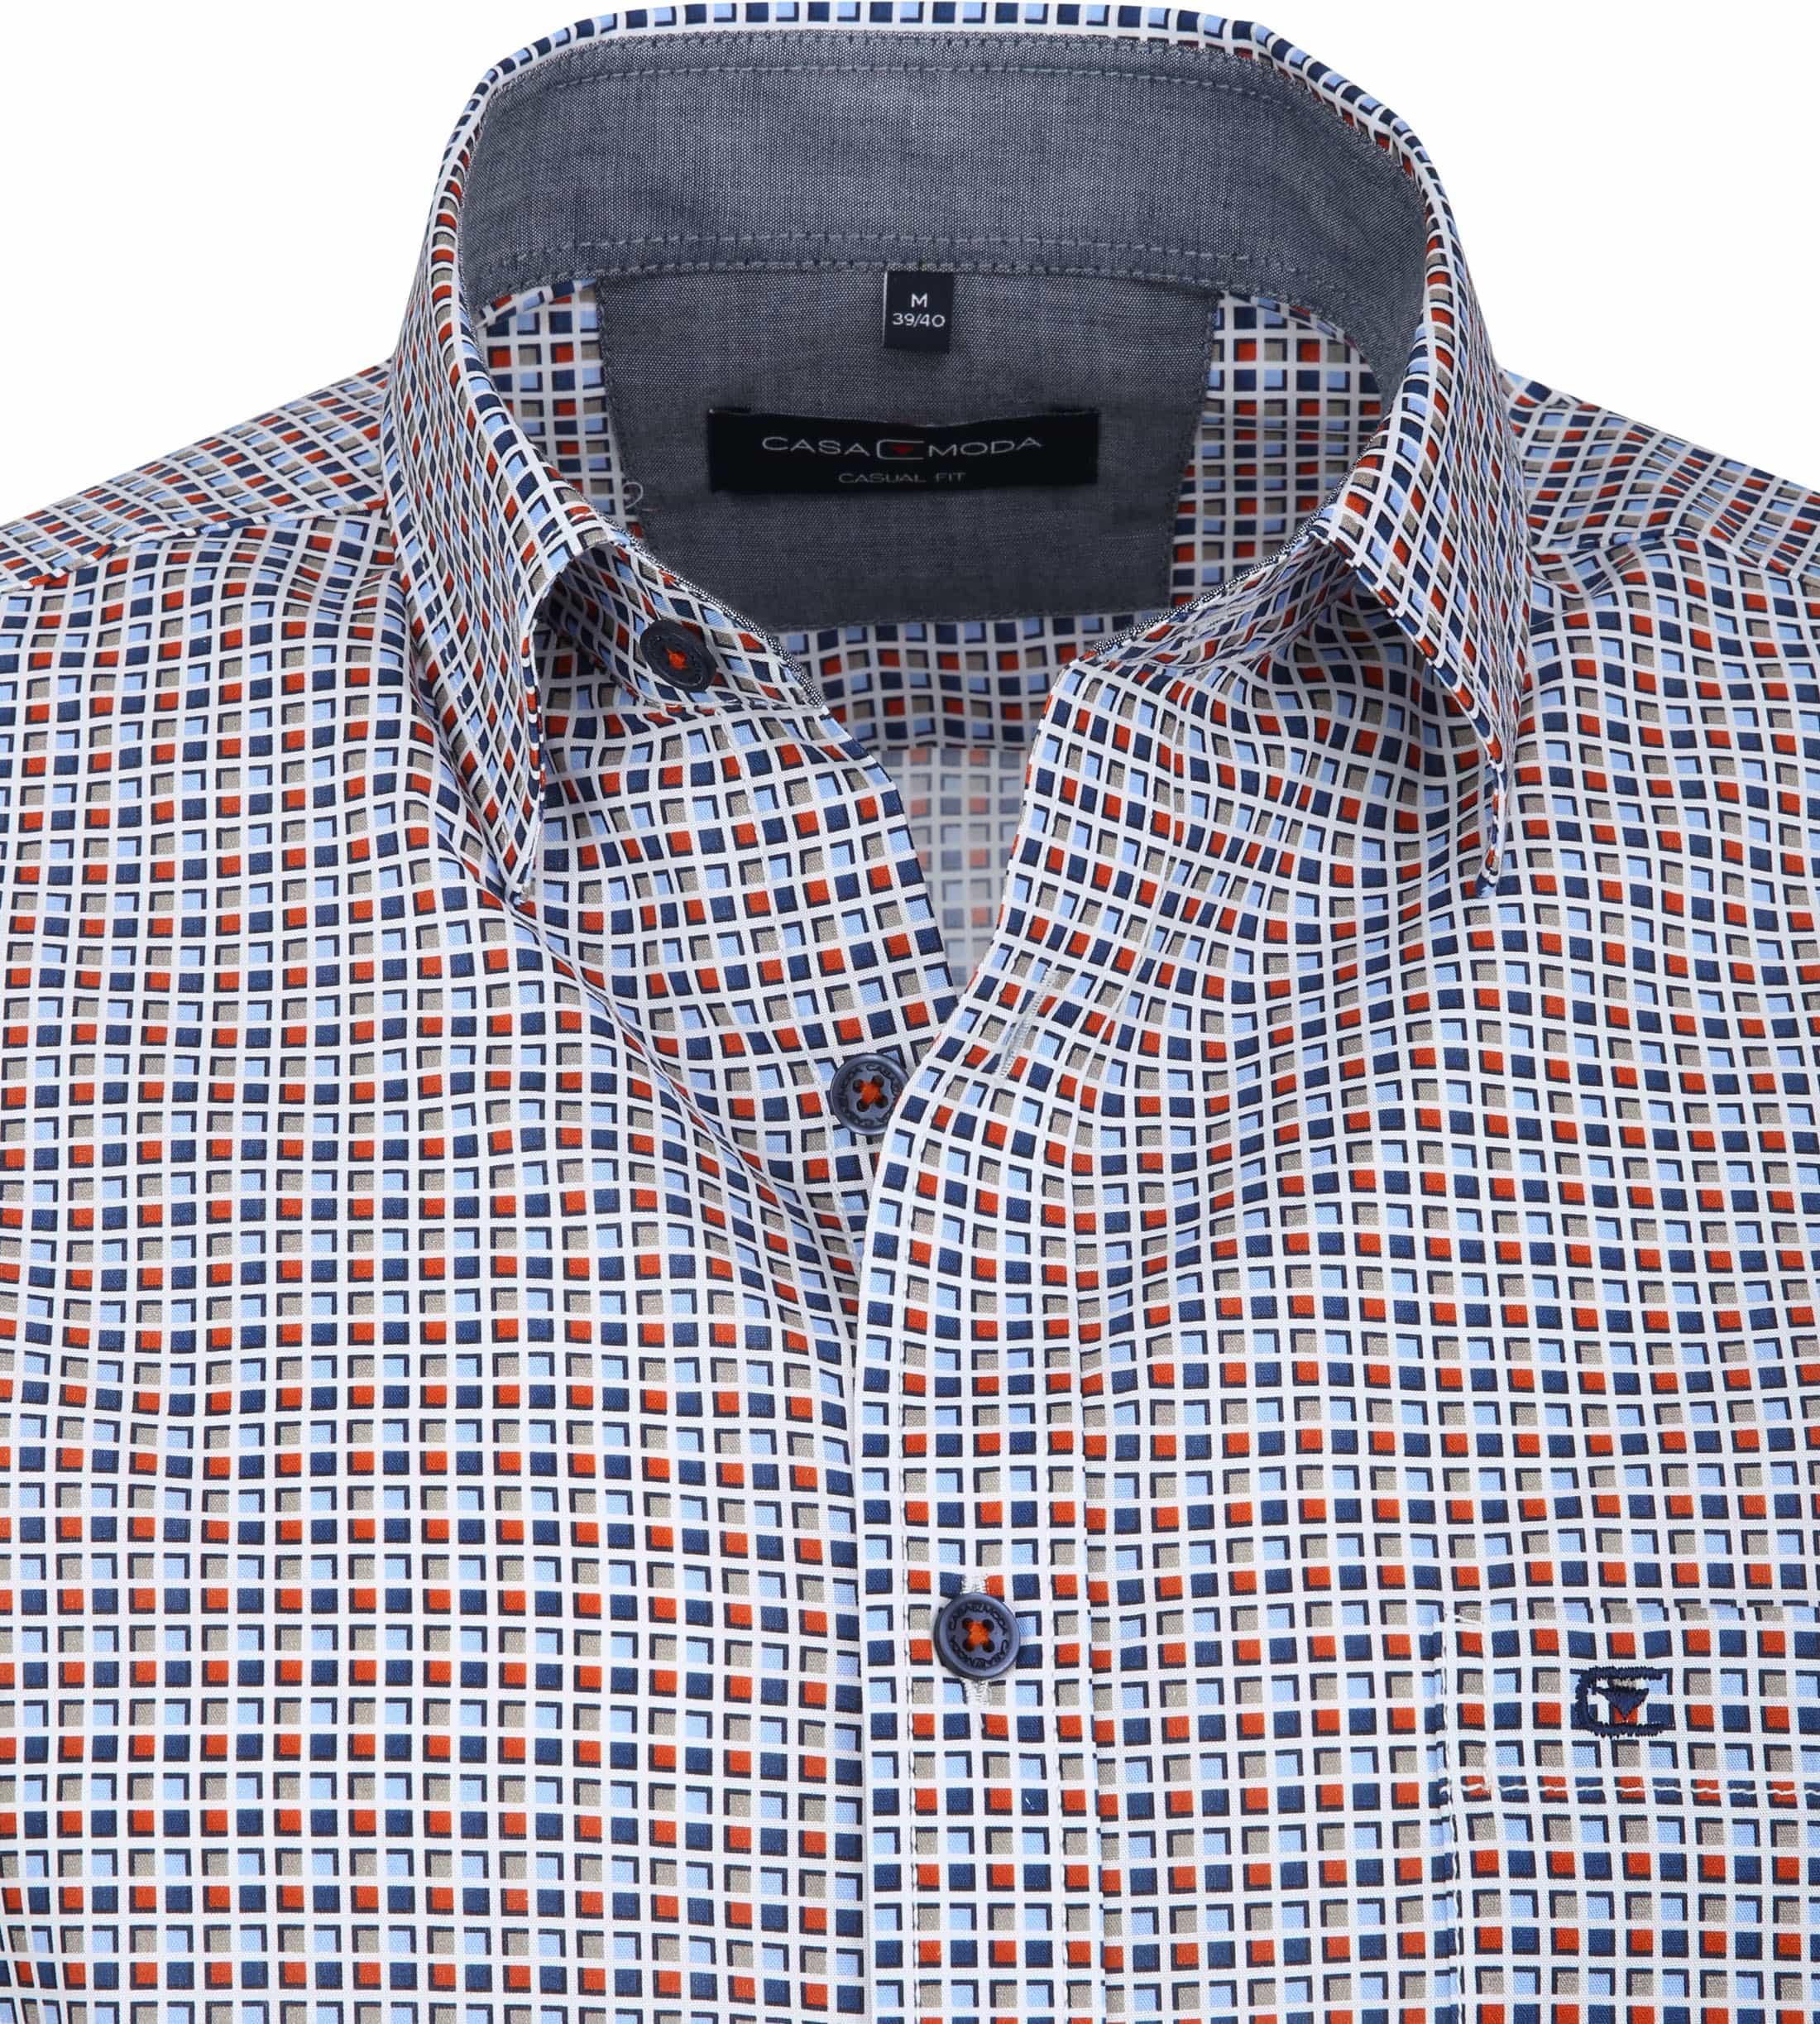 Casa Moda Overhemd Vierkanten foto 1